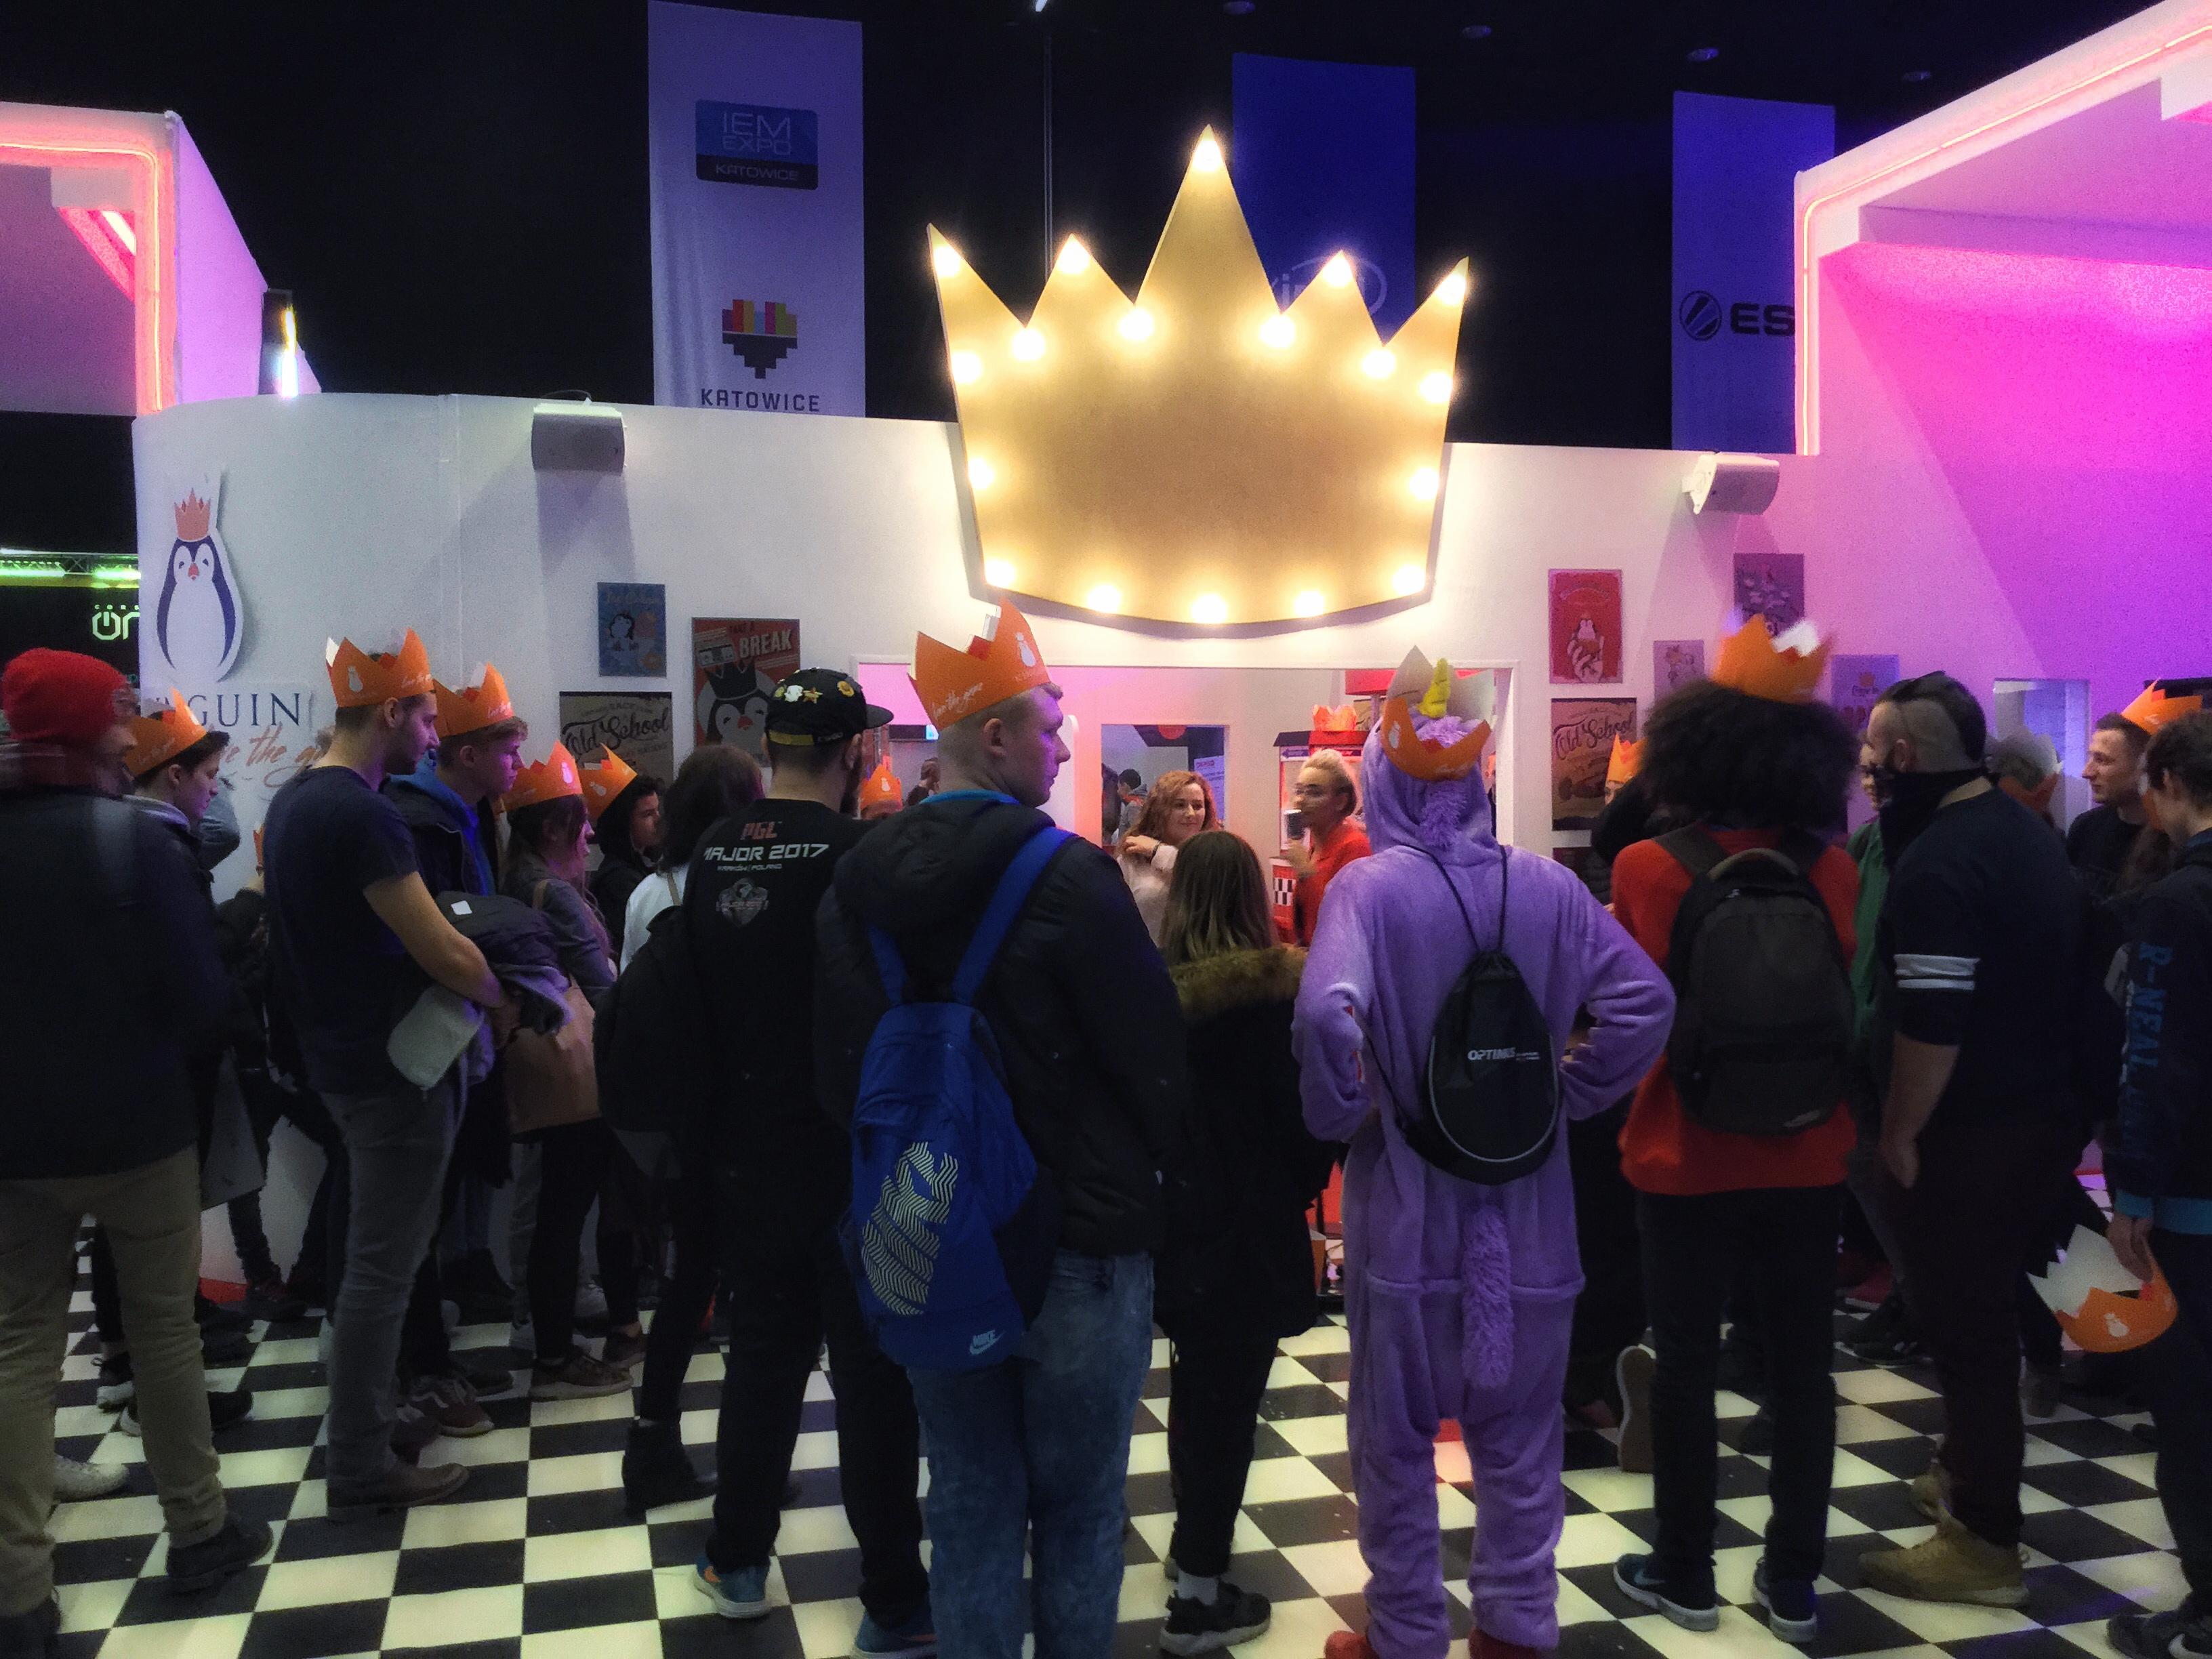 Stoiska na IEM Katowice 2018, które zasługują na wyróżnienie: subiektywny ranking